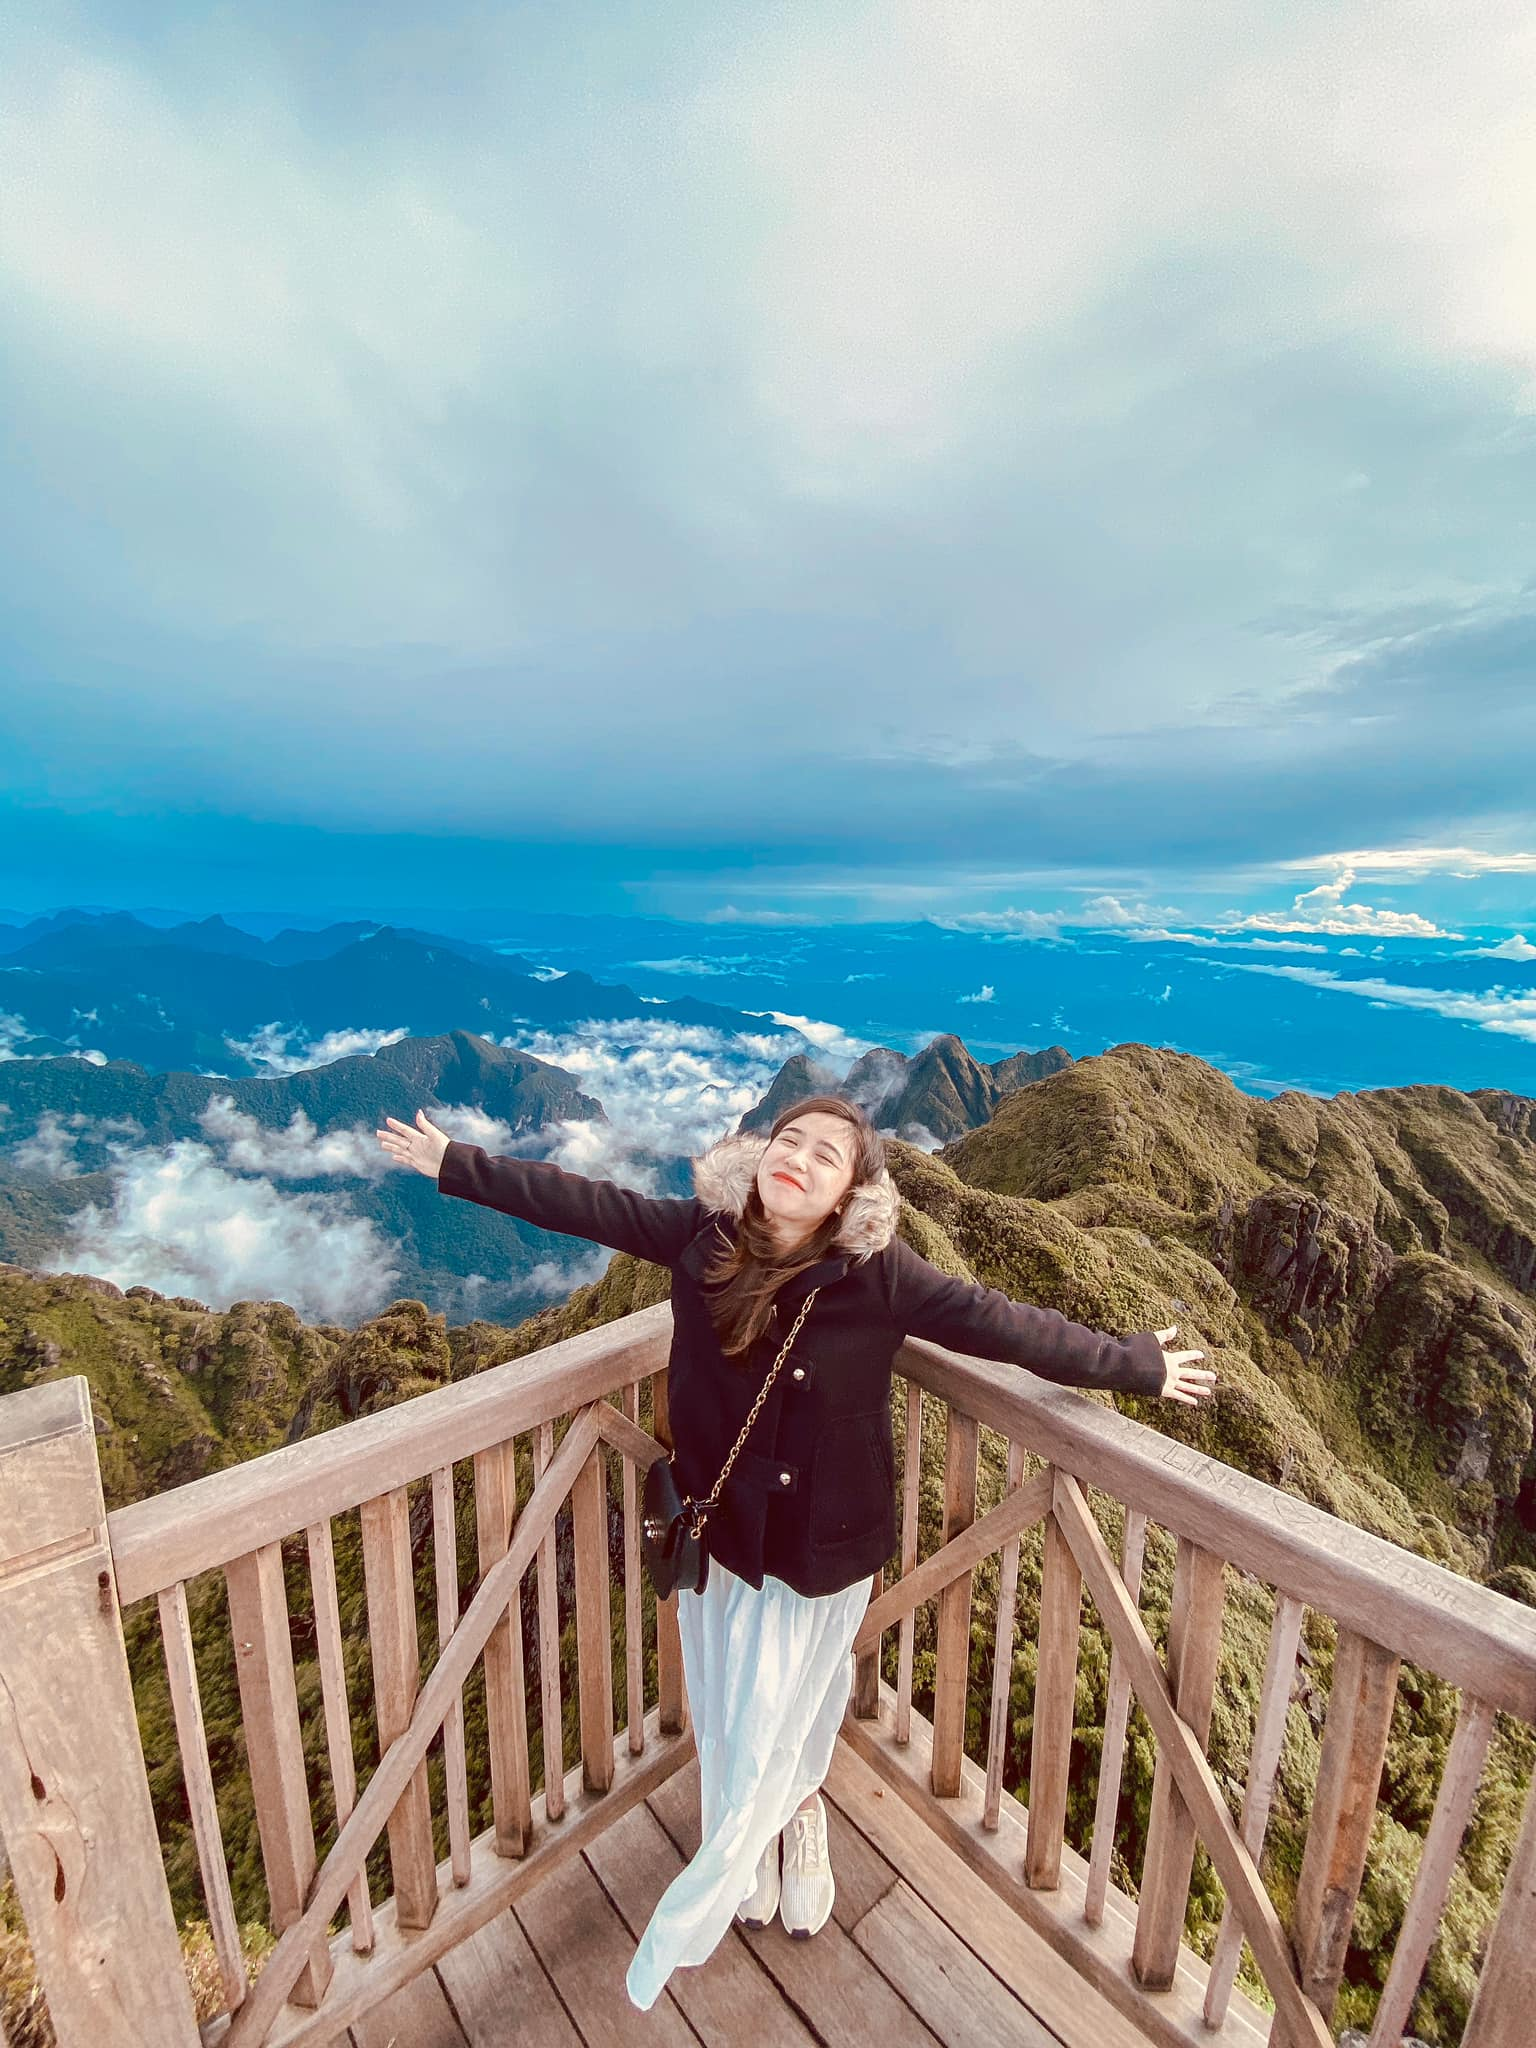 Sapa ngập tràn trong mây. Hình: Hien Pham Thu